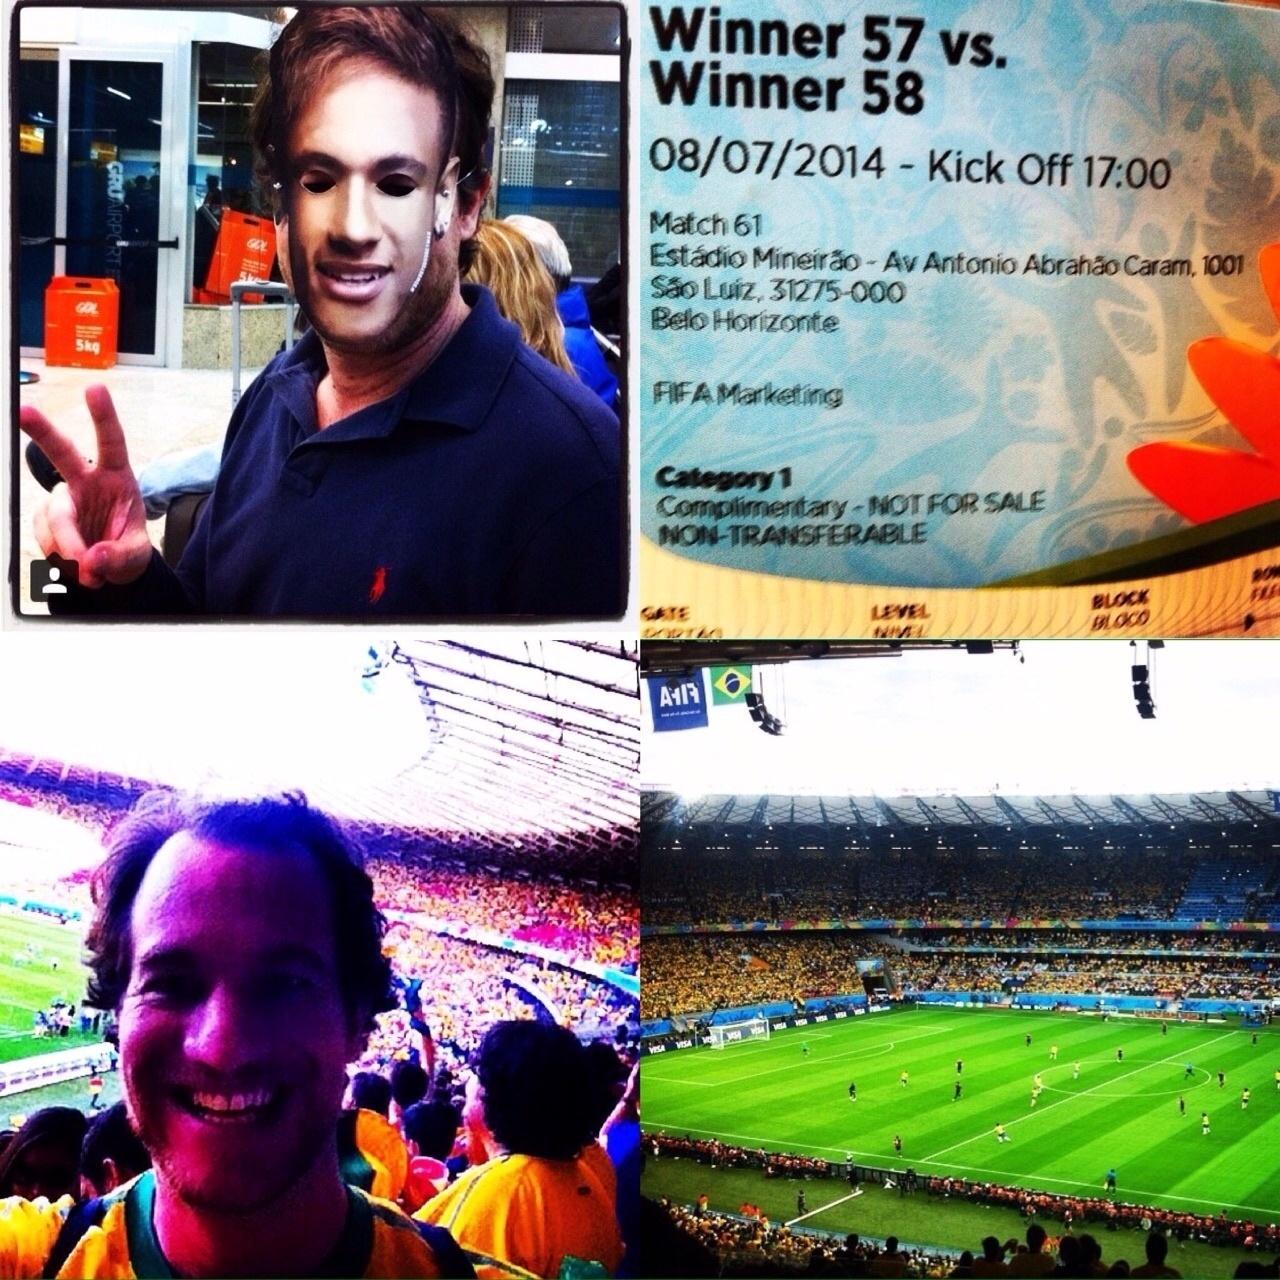 Sylvio de Campos, publicitário de formação, está habituado a frequentar grandes eventos como torcedor e diz que já esperava uma vitória da Alemanha